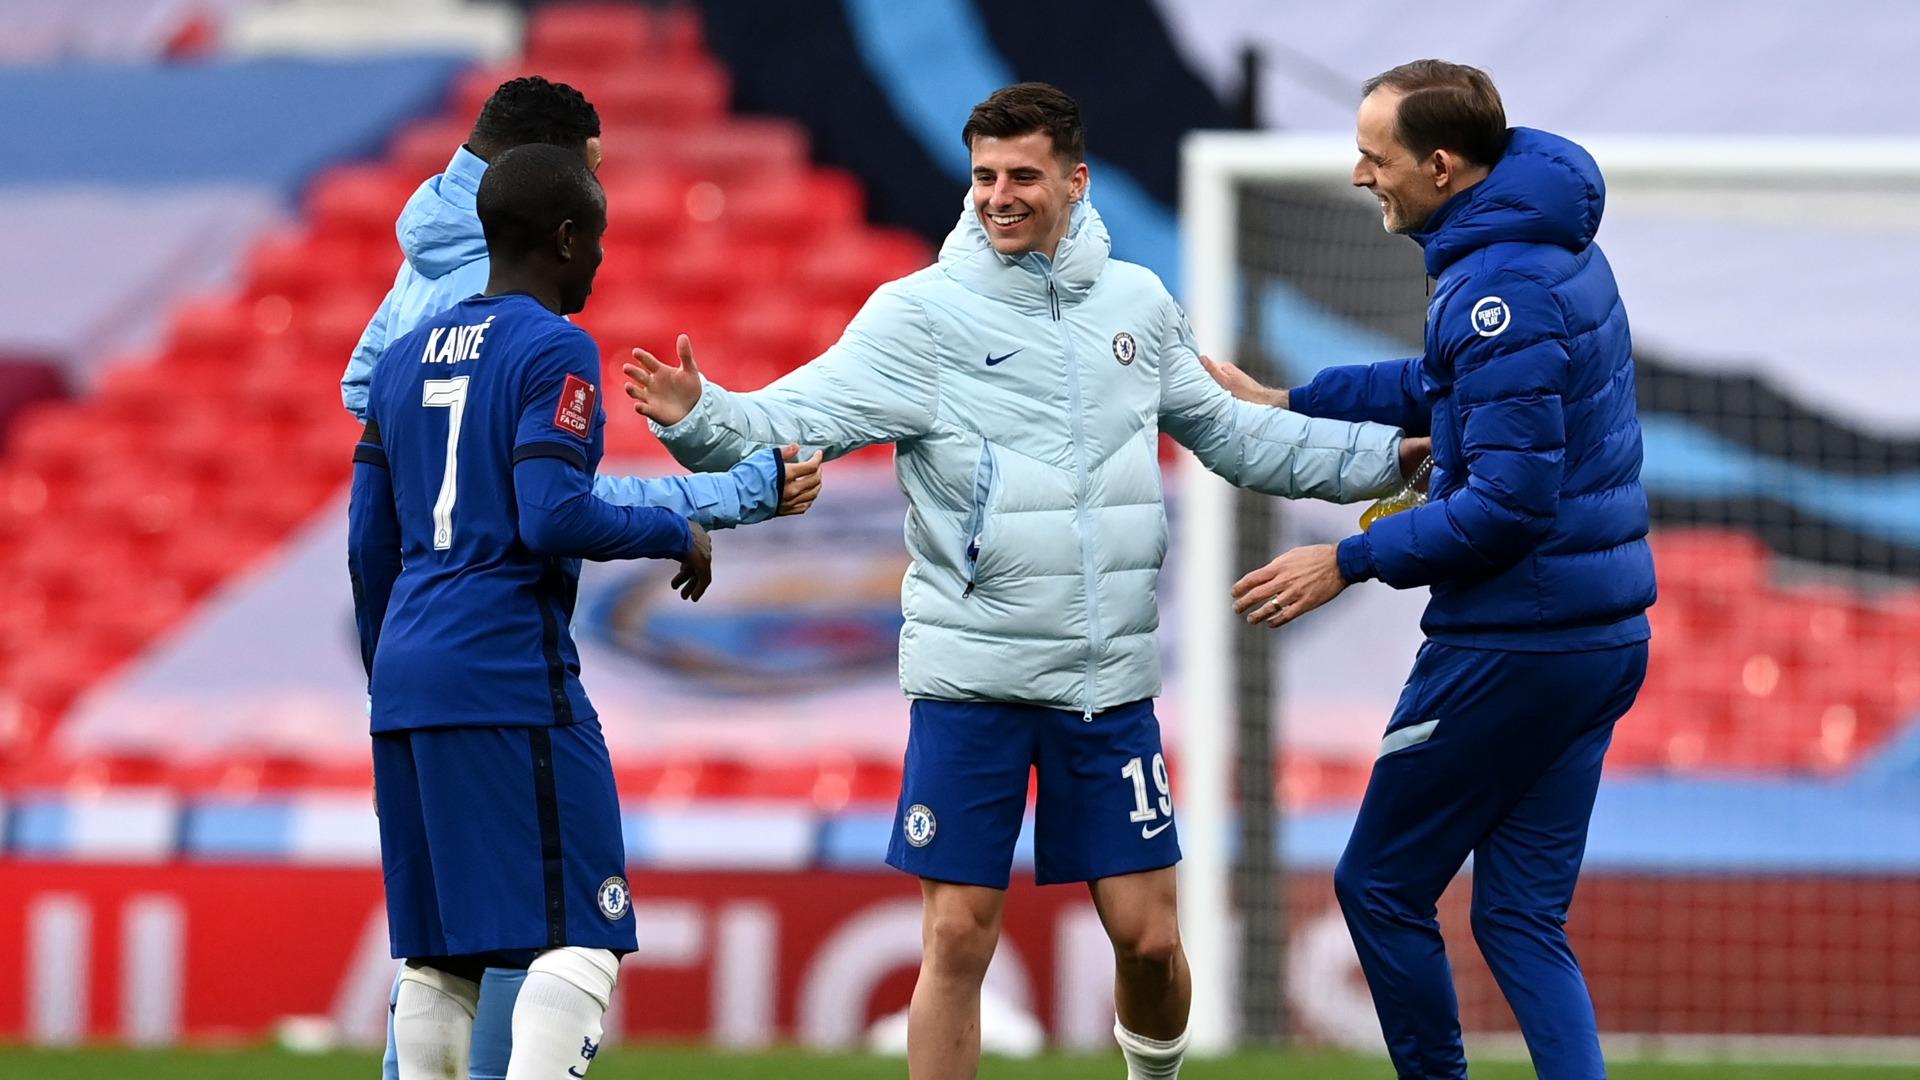 Tuchel's Chelsea quell quadruple talk as Man City meet their match